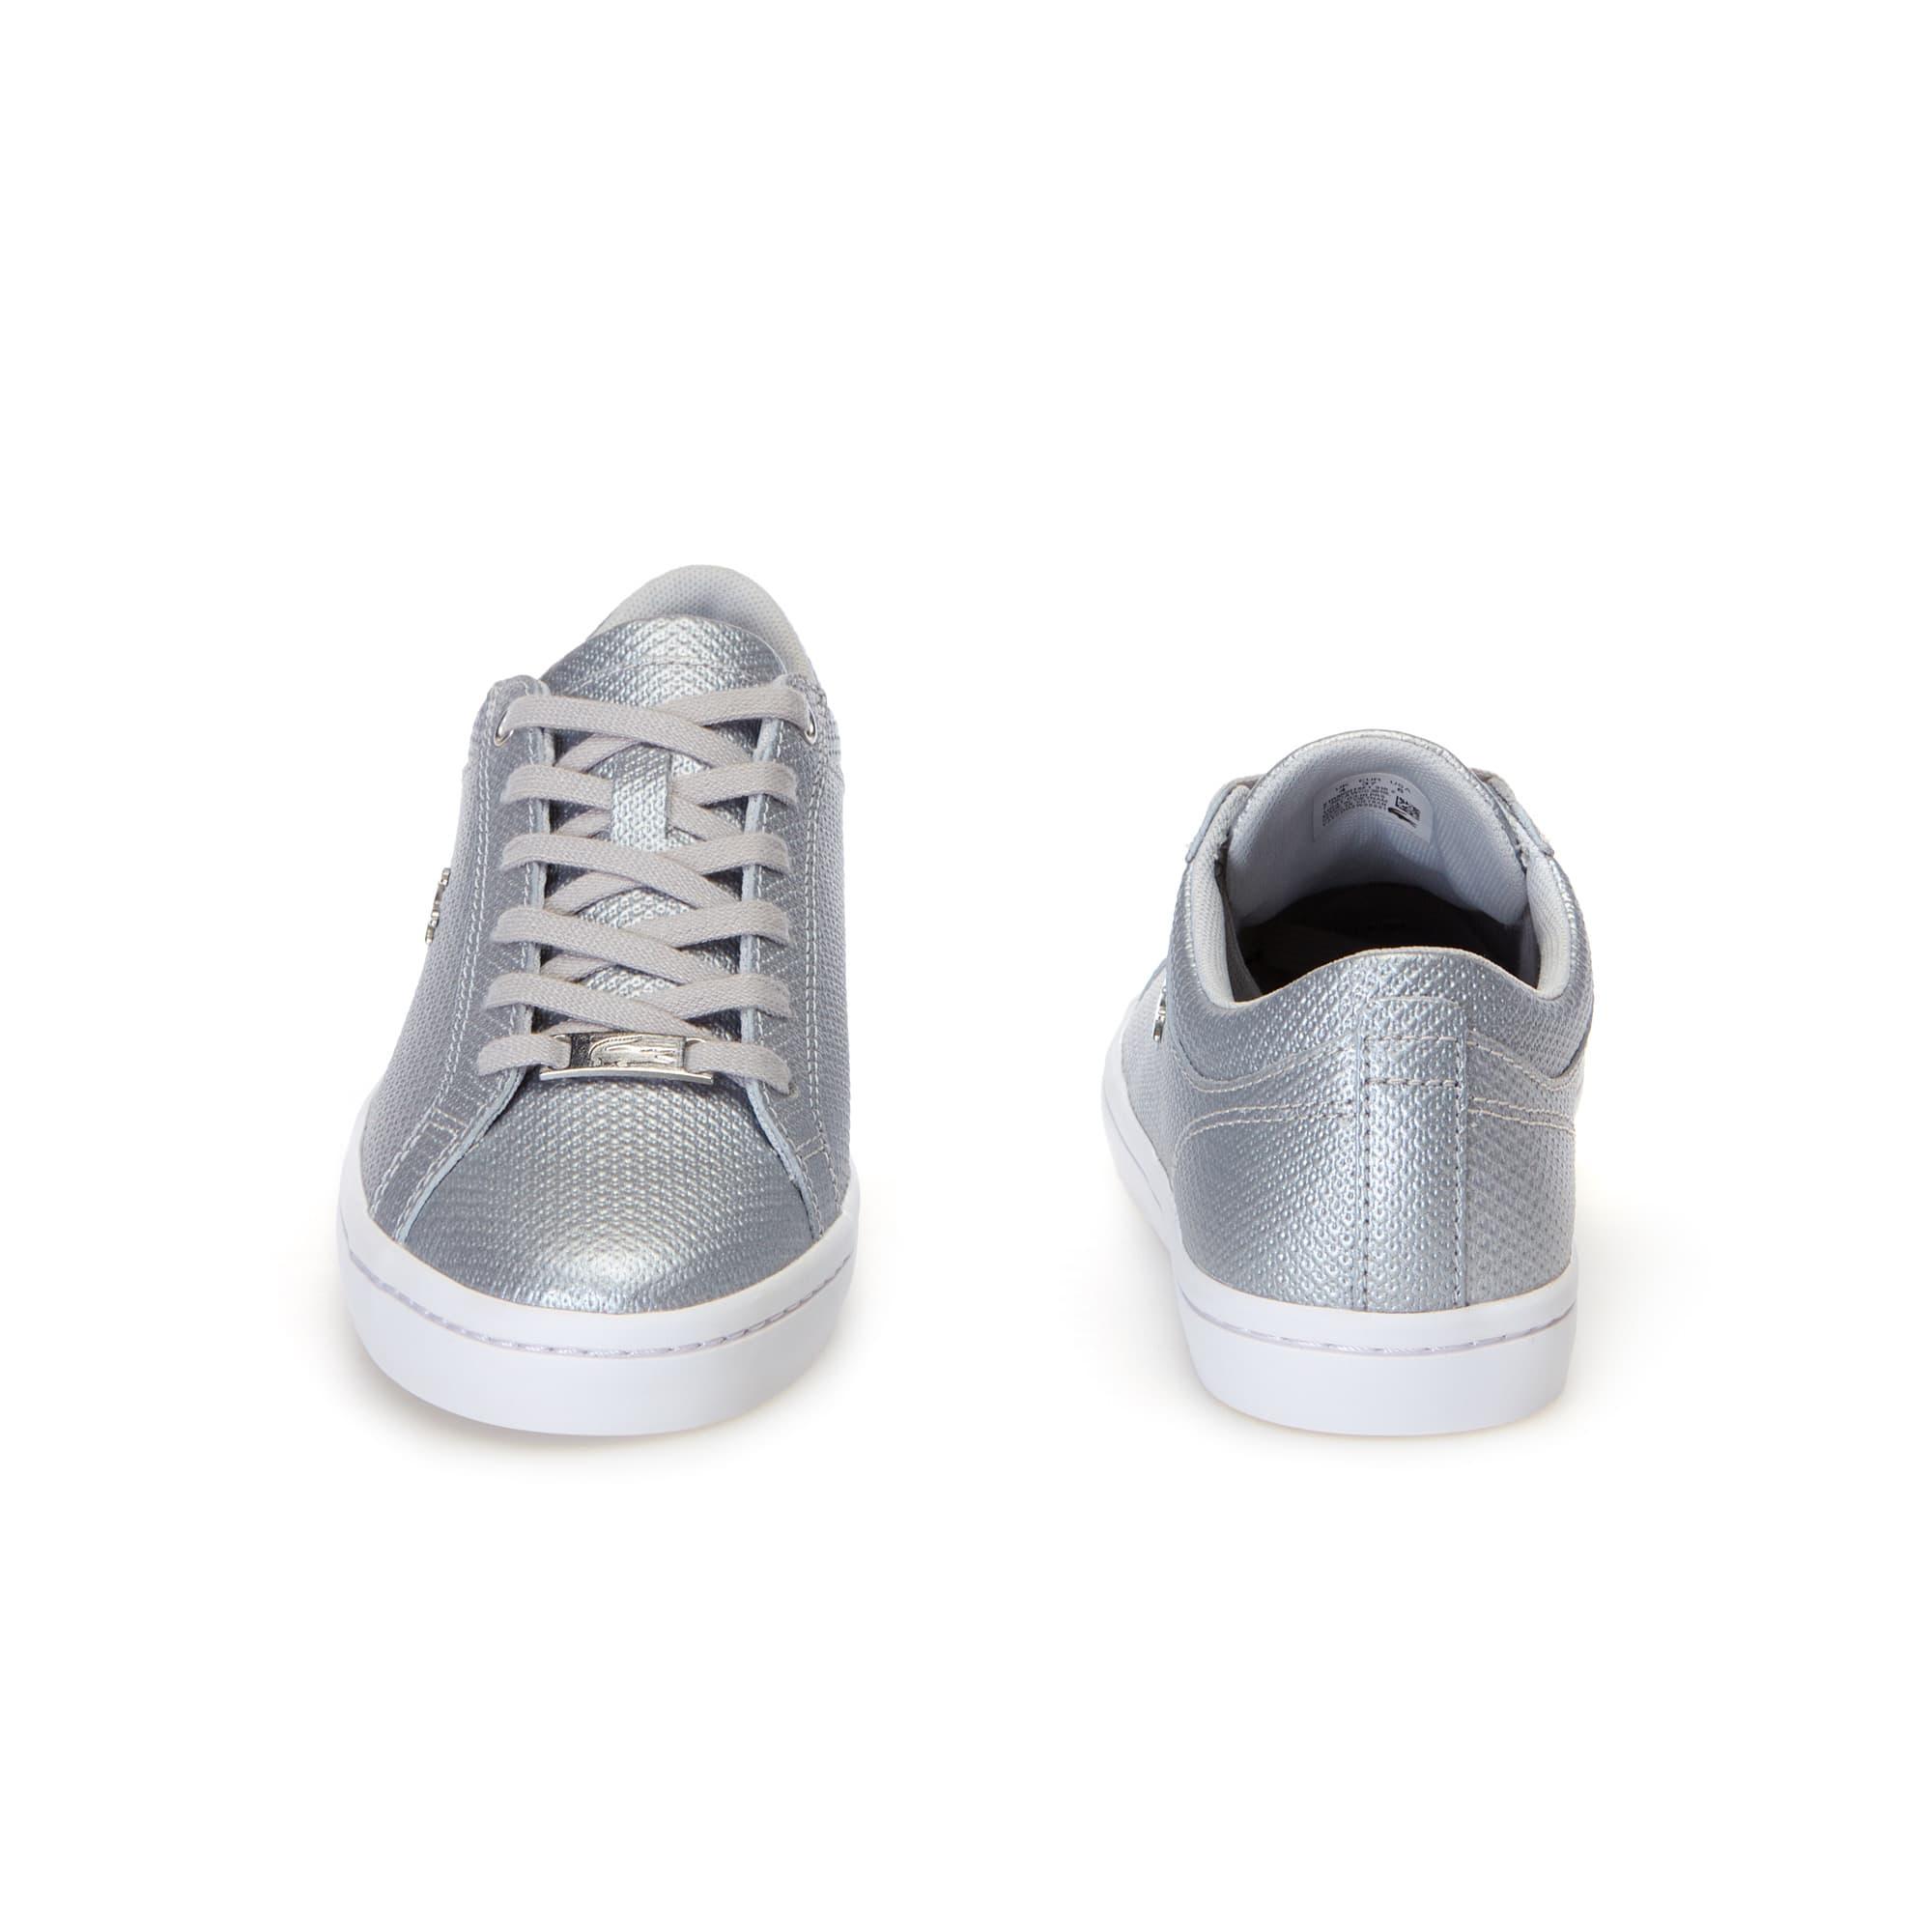 Chantaco Femme Straightset Sneakers En CuirLacoste lT1KFJc